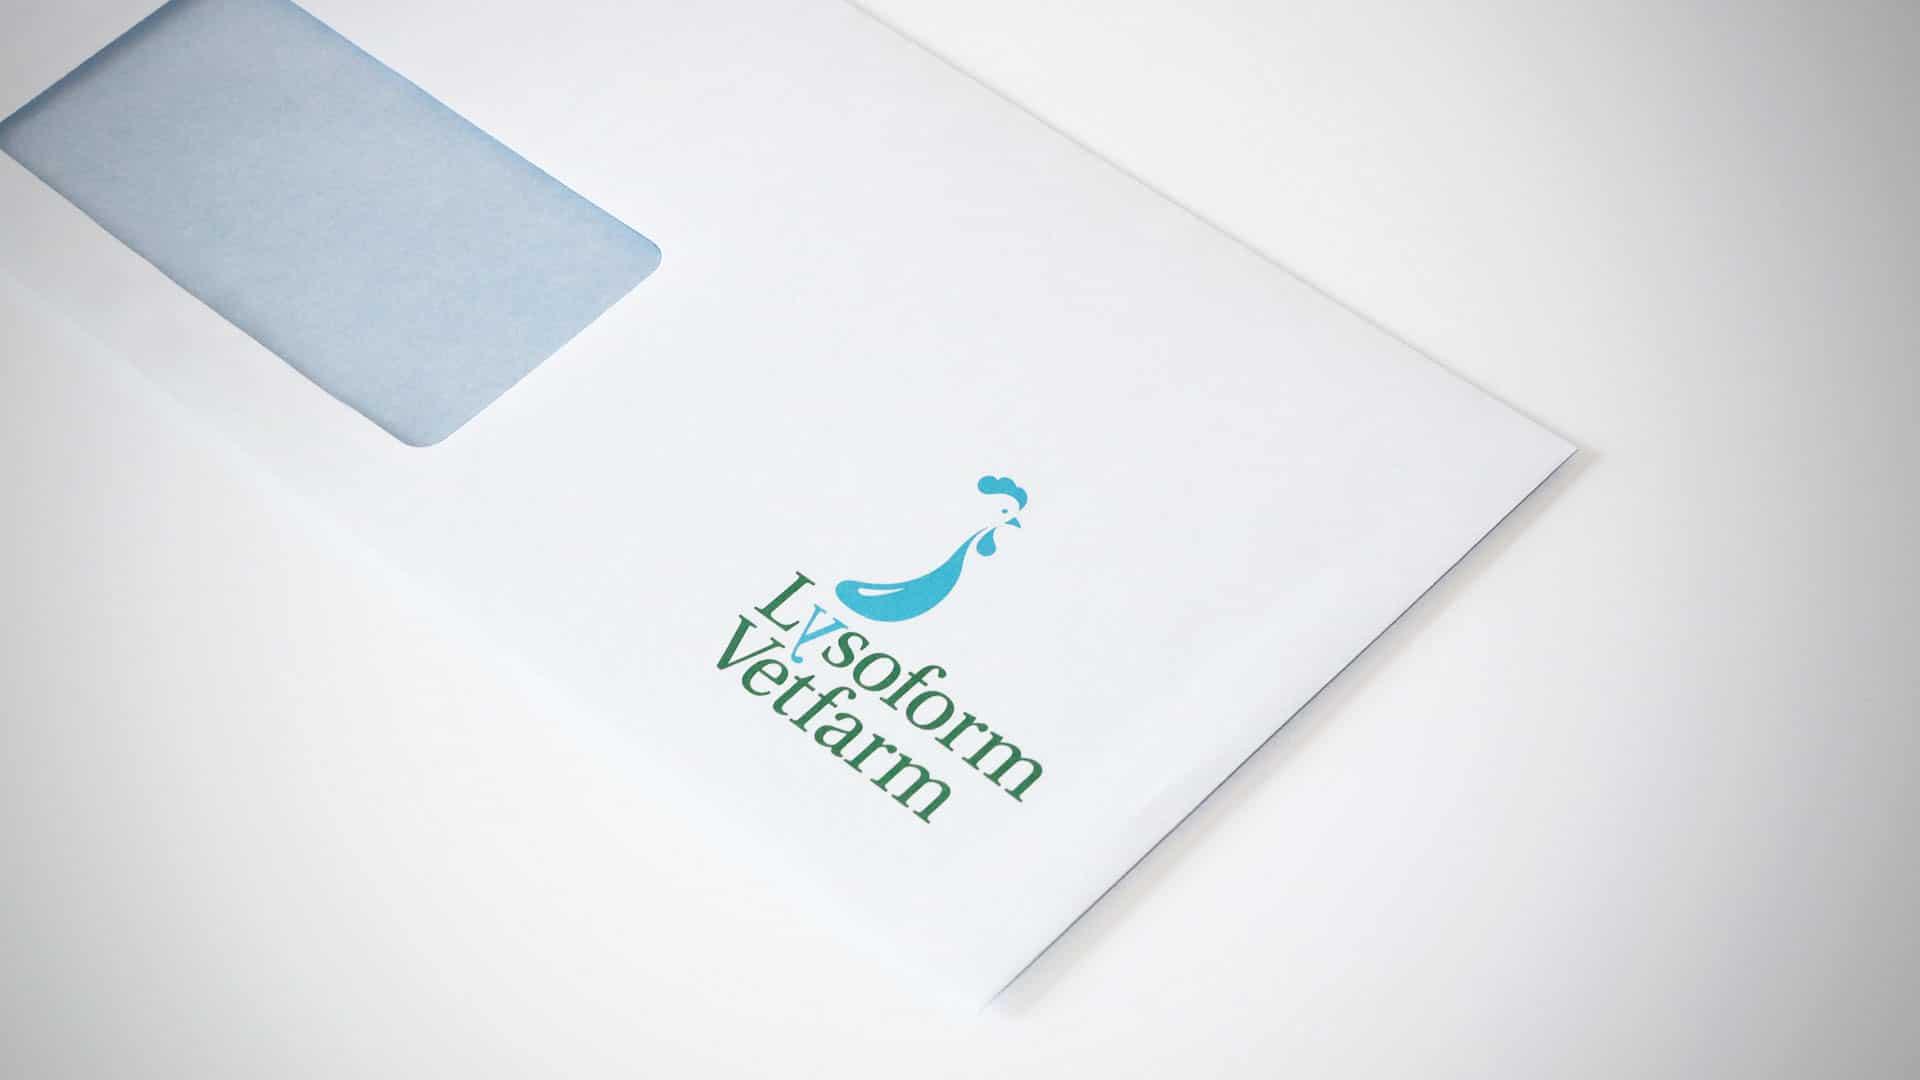 Brief Lysoform - Eine neue Marke auf starke Füße gestellt – Corporate Design, Logoentwicklung, Grafikdesign, Webdesign, Kommunikationsdesign, Branding, Markenentwicklung